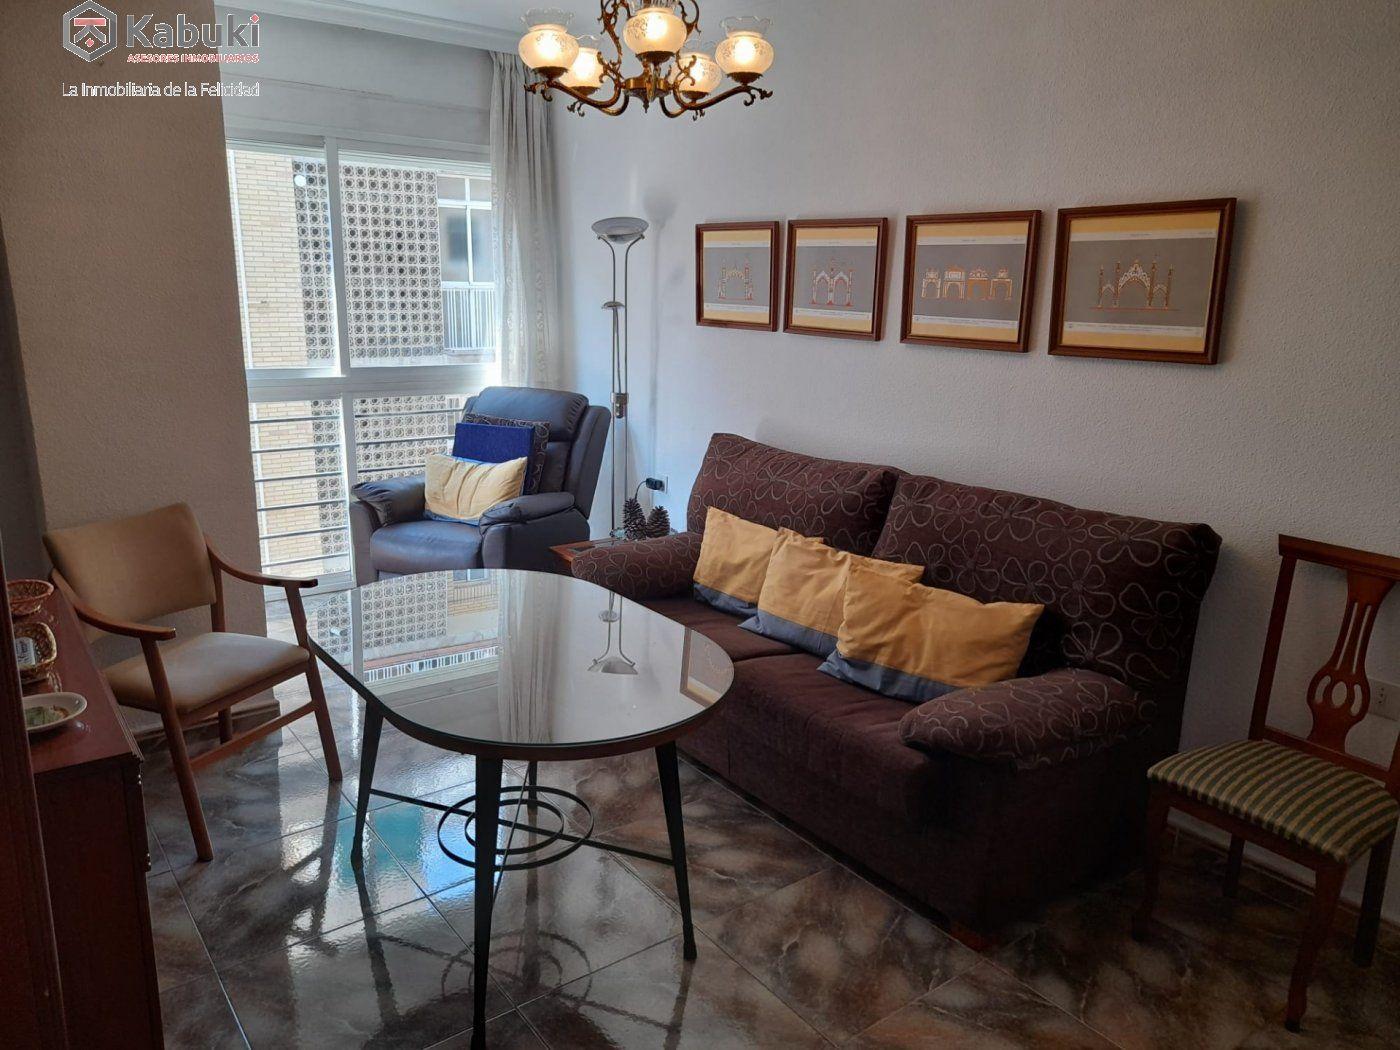 Magnífico inmueble en alquiler en zona hipercor. ideal para familias, luminoso y espacioso - imagenInmueble2